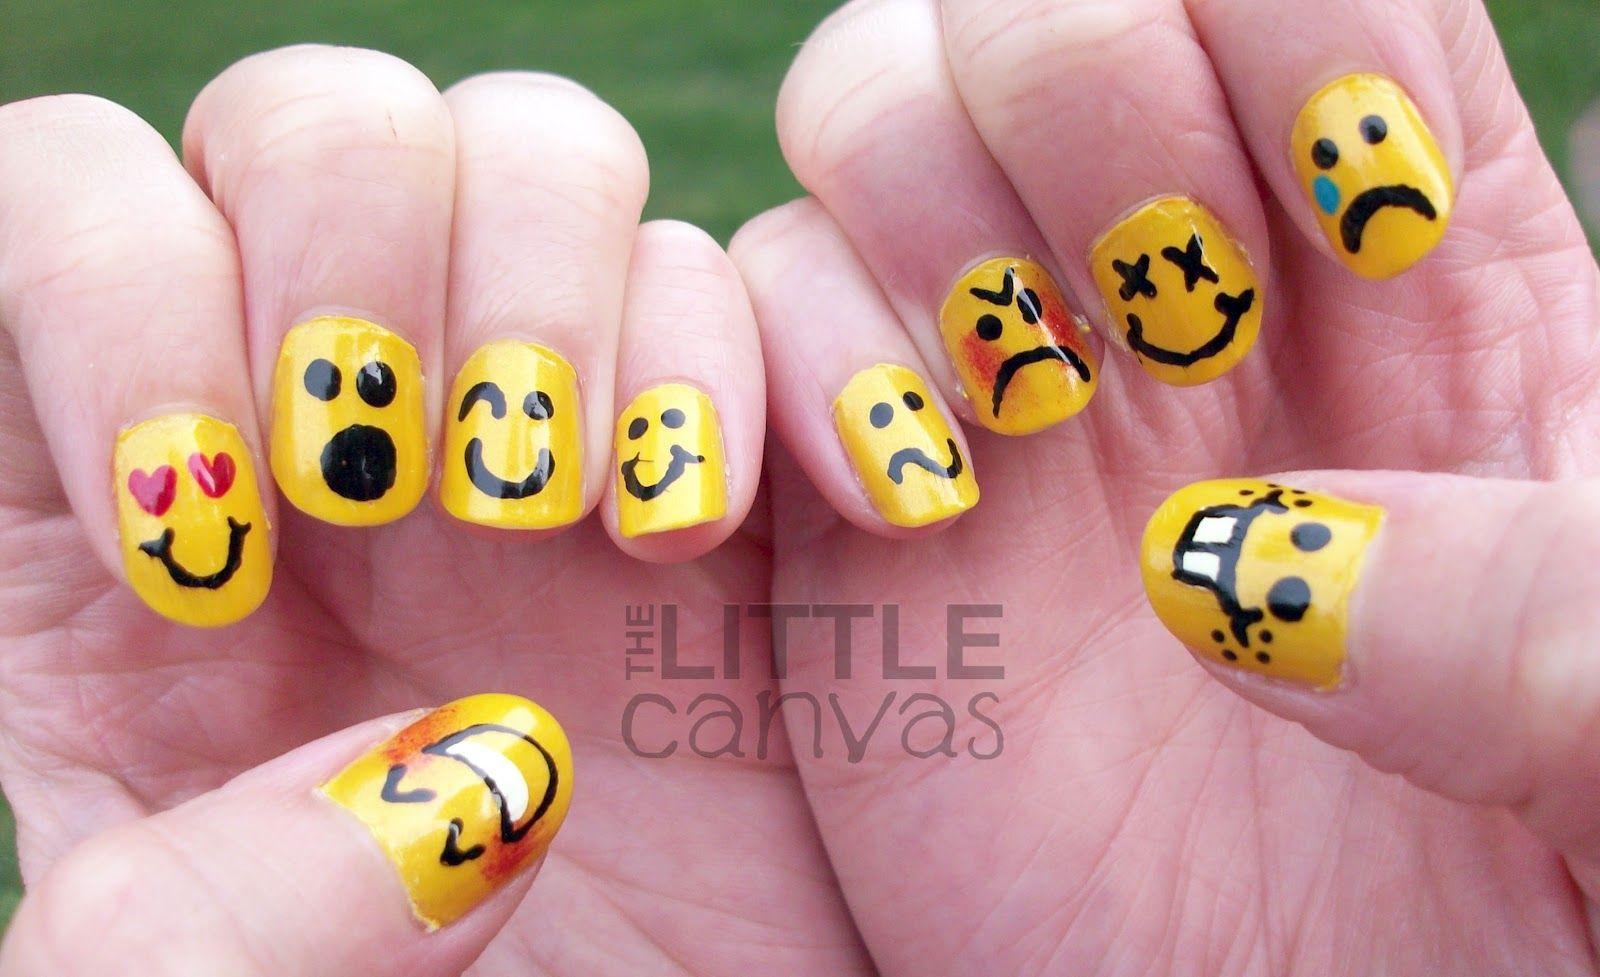 Yellow Nails 31 Day Challenge Day 3 Yellow Nails Emoticons Tropical Nails Emoji Nails Cute Nails